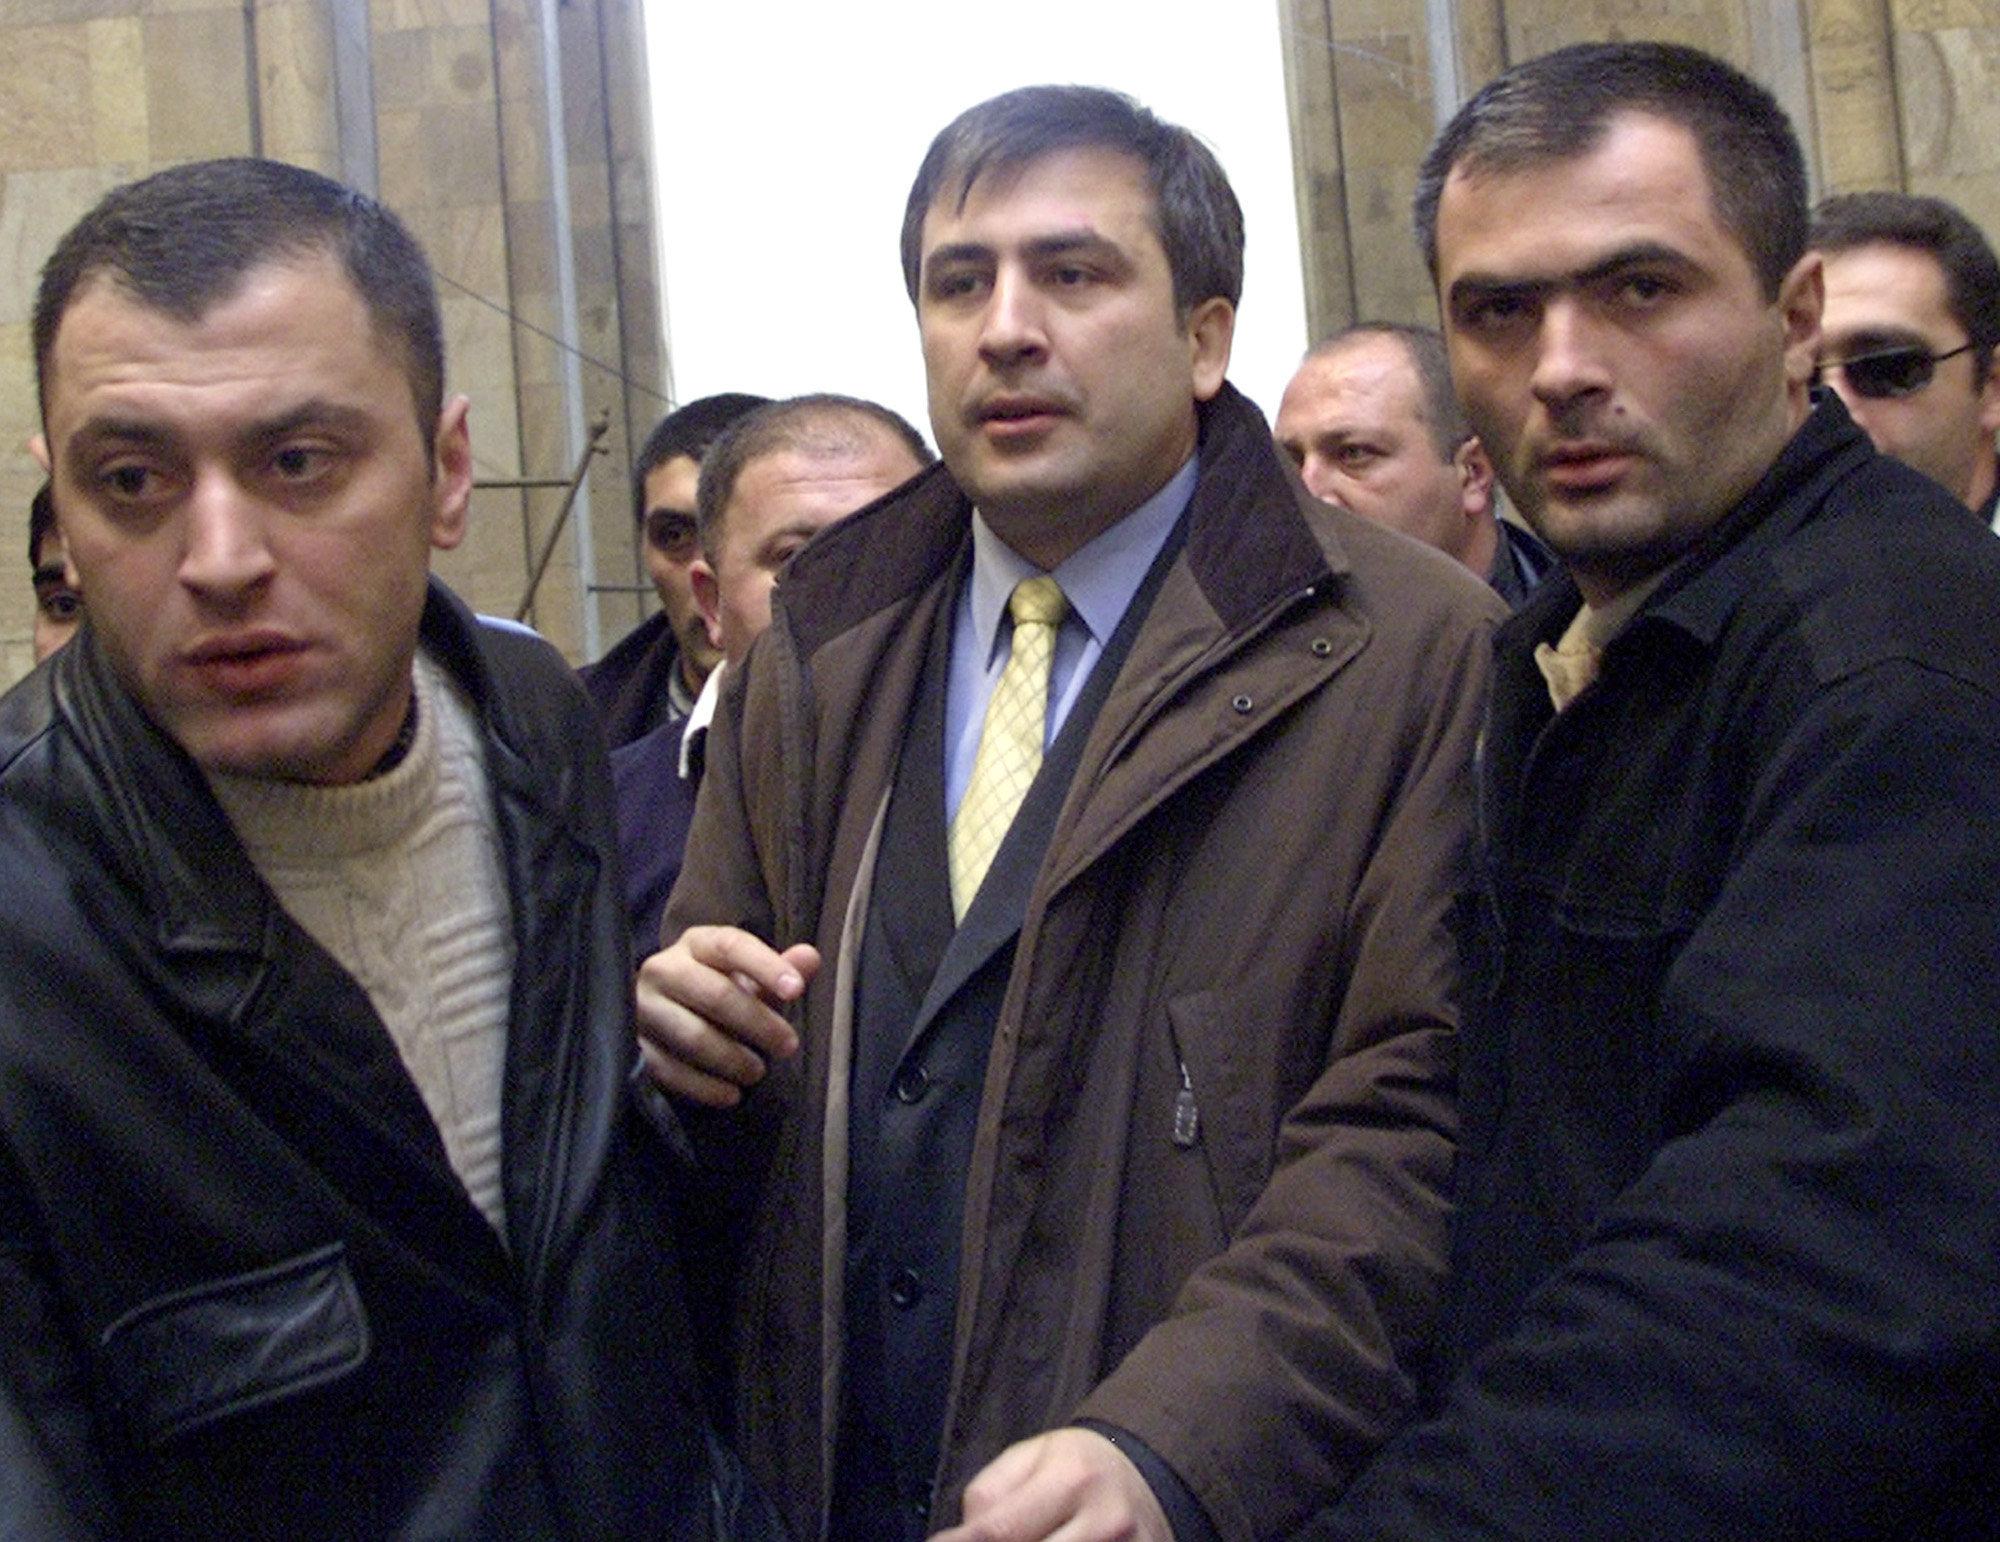 Михаил Саакашвили в сопровождении охраны входит в здание парламента Грузии, 23 ноября 2003 года